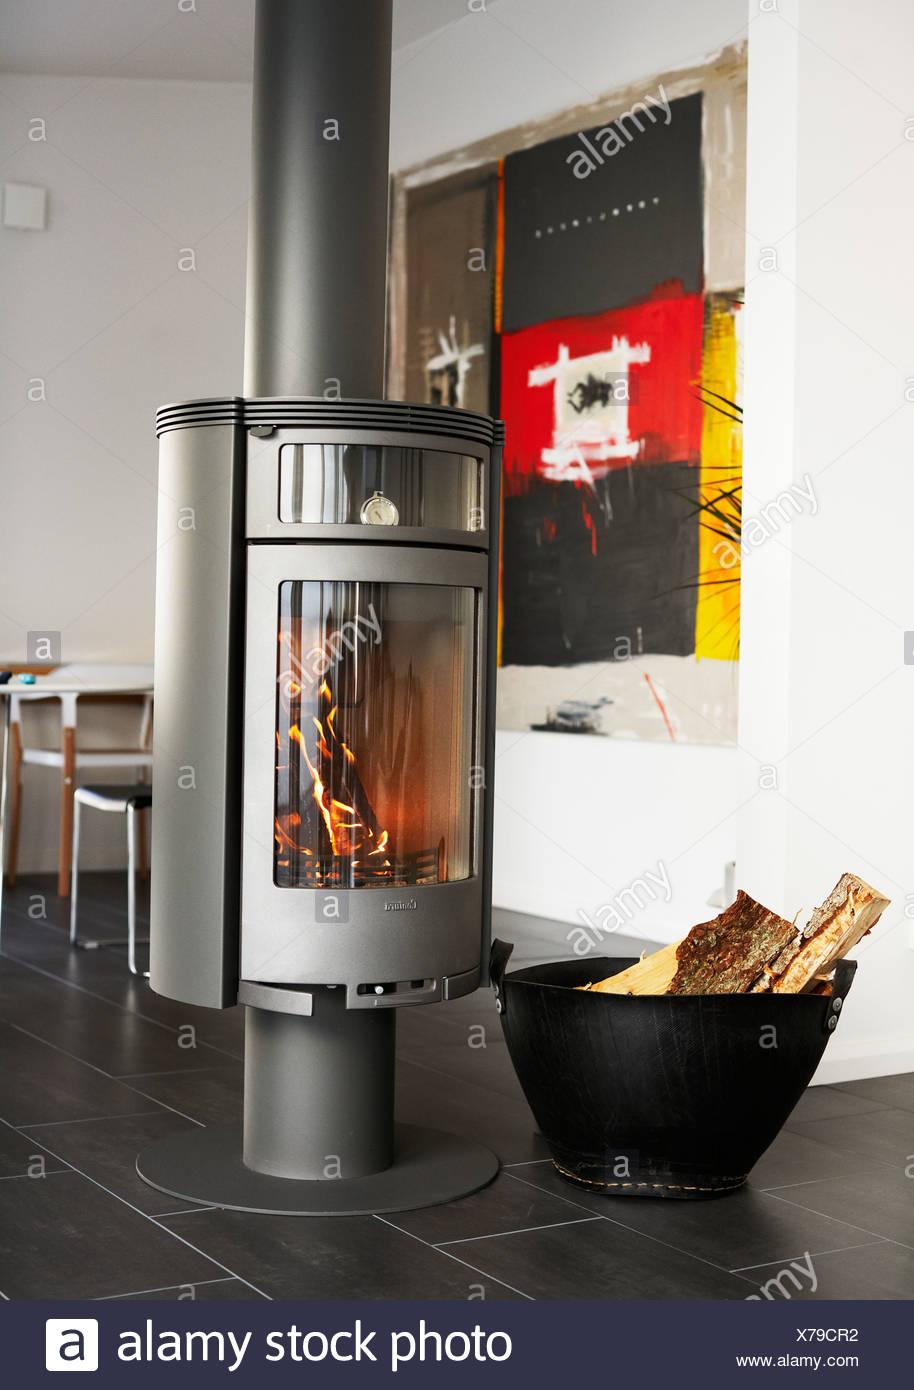 Ein Ofen im Wohnzimmer, Schweden Stockfoto, Bild: 279876102 - Alamy